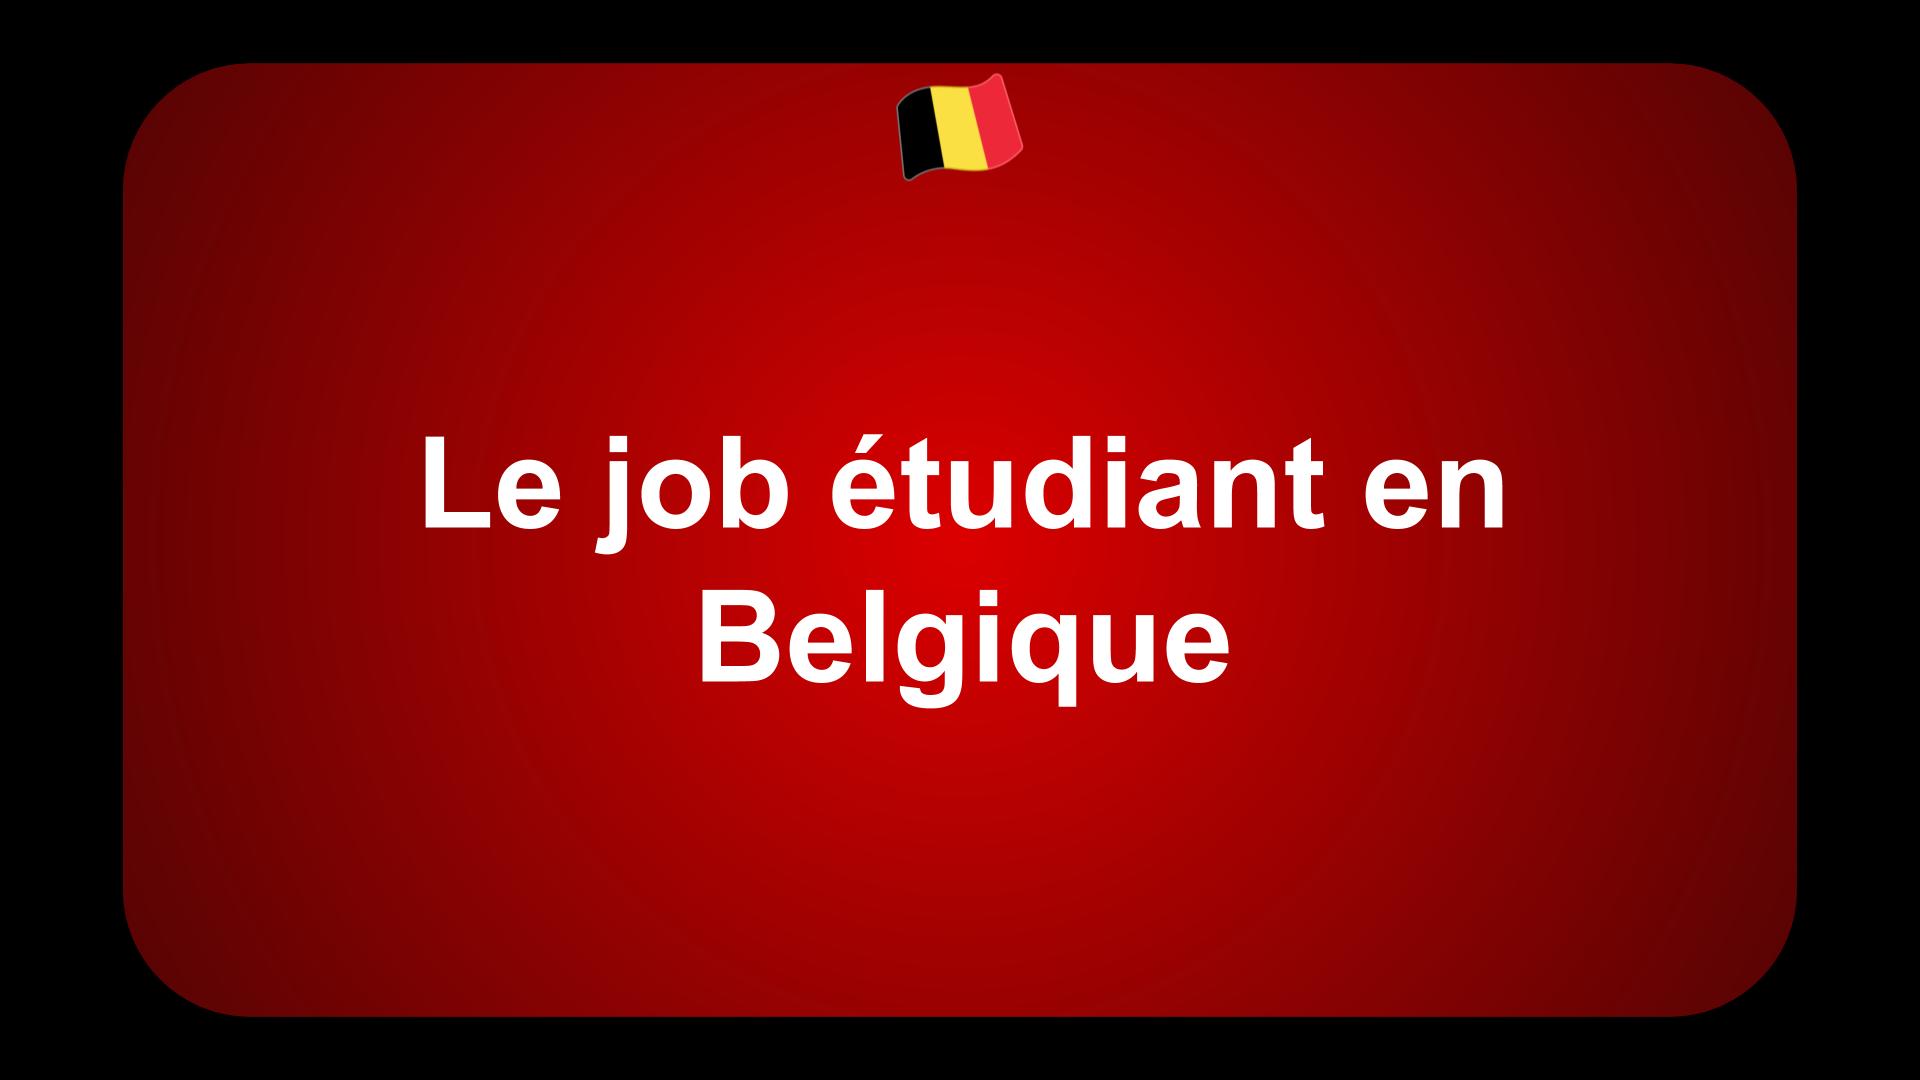 Le job étudiant en Belgique